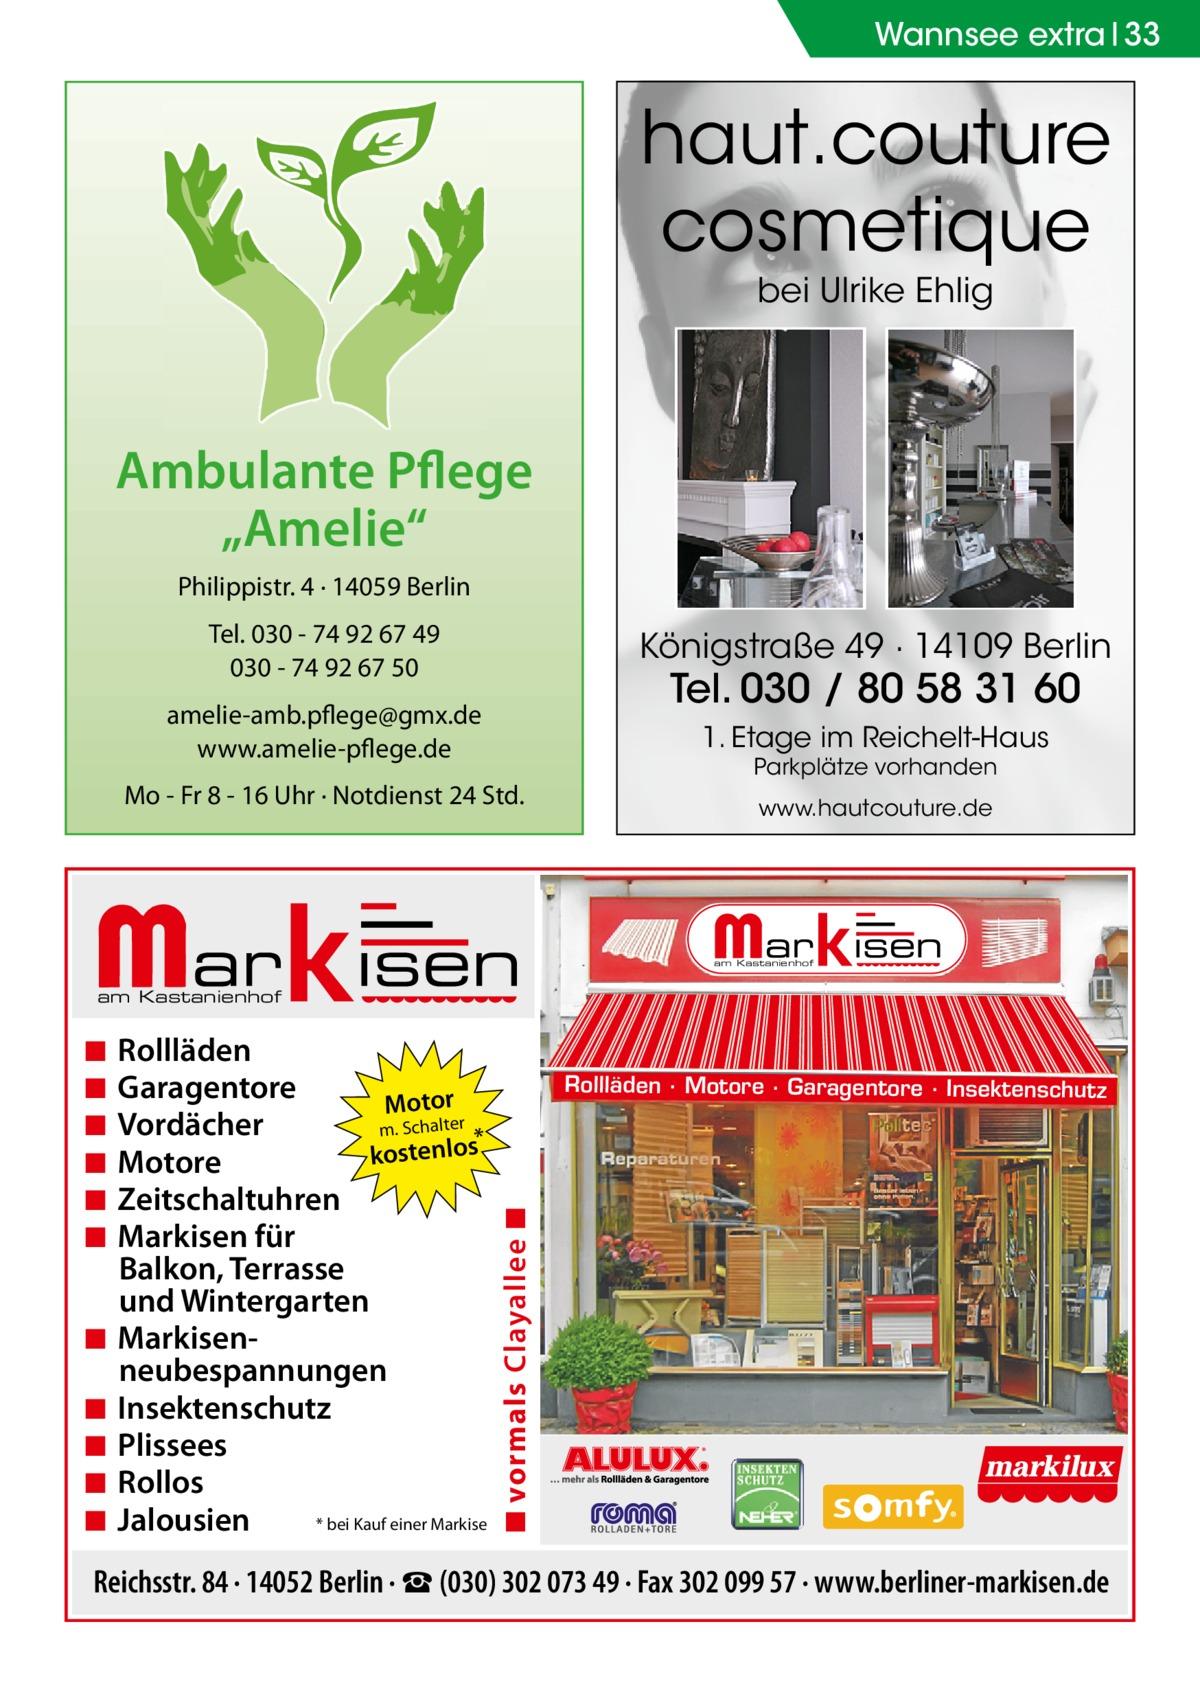 """Wannsee extra 33  haut.couture cosmetique bei Ulrike Ehlig  Ambulante Pflege """"Amelie"""" Philippistr. 4 · 14059 Berlin Tel. 030 - 74 92 67 49 030 - 74 92 67 50  Königstraße 49 · 14109 Berlin  amelie-amb.pflege@gmx.de www.amelie-pflege.de  1. Etage im Reichelt-Haus  Tel. 030 / 80 58 31 60 Parkplätze vorhanden  Mo - Fr 8 - 16 Uhr · Notdienst 24 Std.  www.hautcouture.de  am Kastanienhof  am Kastanienhof  ◾ ◾ ◾ ◾ ◾  Rollläden Garagentore Motor Vordächer m. Schalter * kostenlos Motore Zeitschaltuhren Markisen für Balkon, Terrasse und Wintergarten Markisenneubespannungen Insektenschutz Plissees Rollos * bei Kauf einer Markise Jalousien  Rollläden · Motore · Garagentore · Insektenschutz  ◾ vormals Clayallee ◾  ◾ ◾ ◾ ◾ ◾ ◾  Reichsstr. 84 · 14052 Berlin · ☎ (030) 302 073 49 · Fax 302 099 57 · www.berliner-markisen.de"""